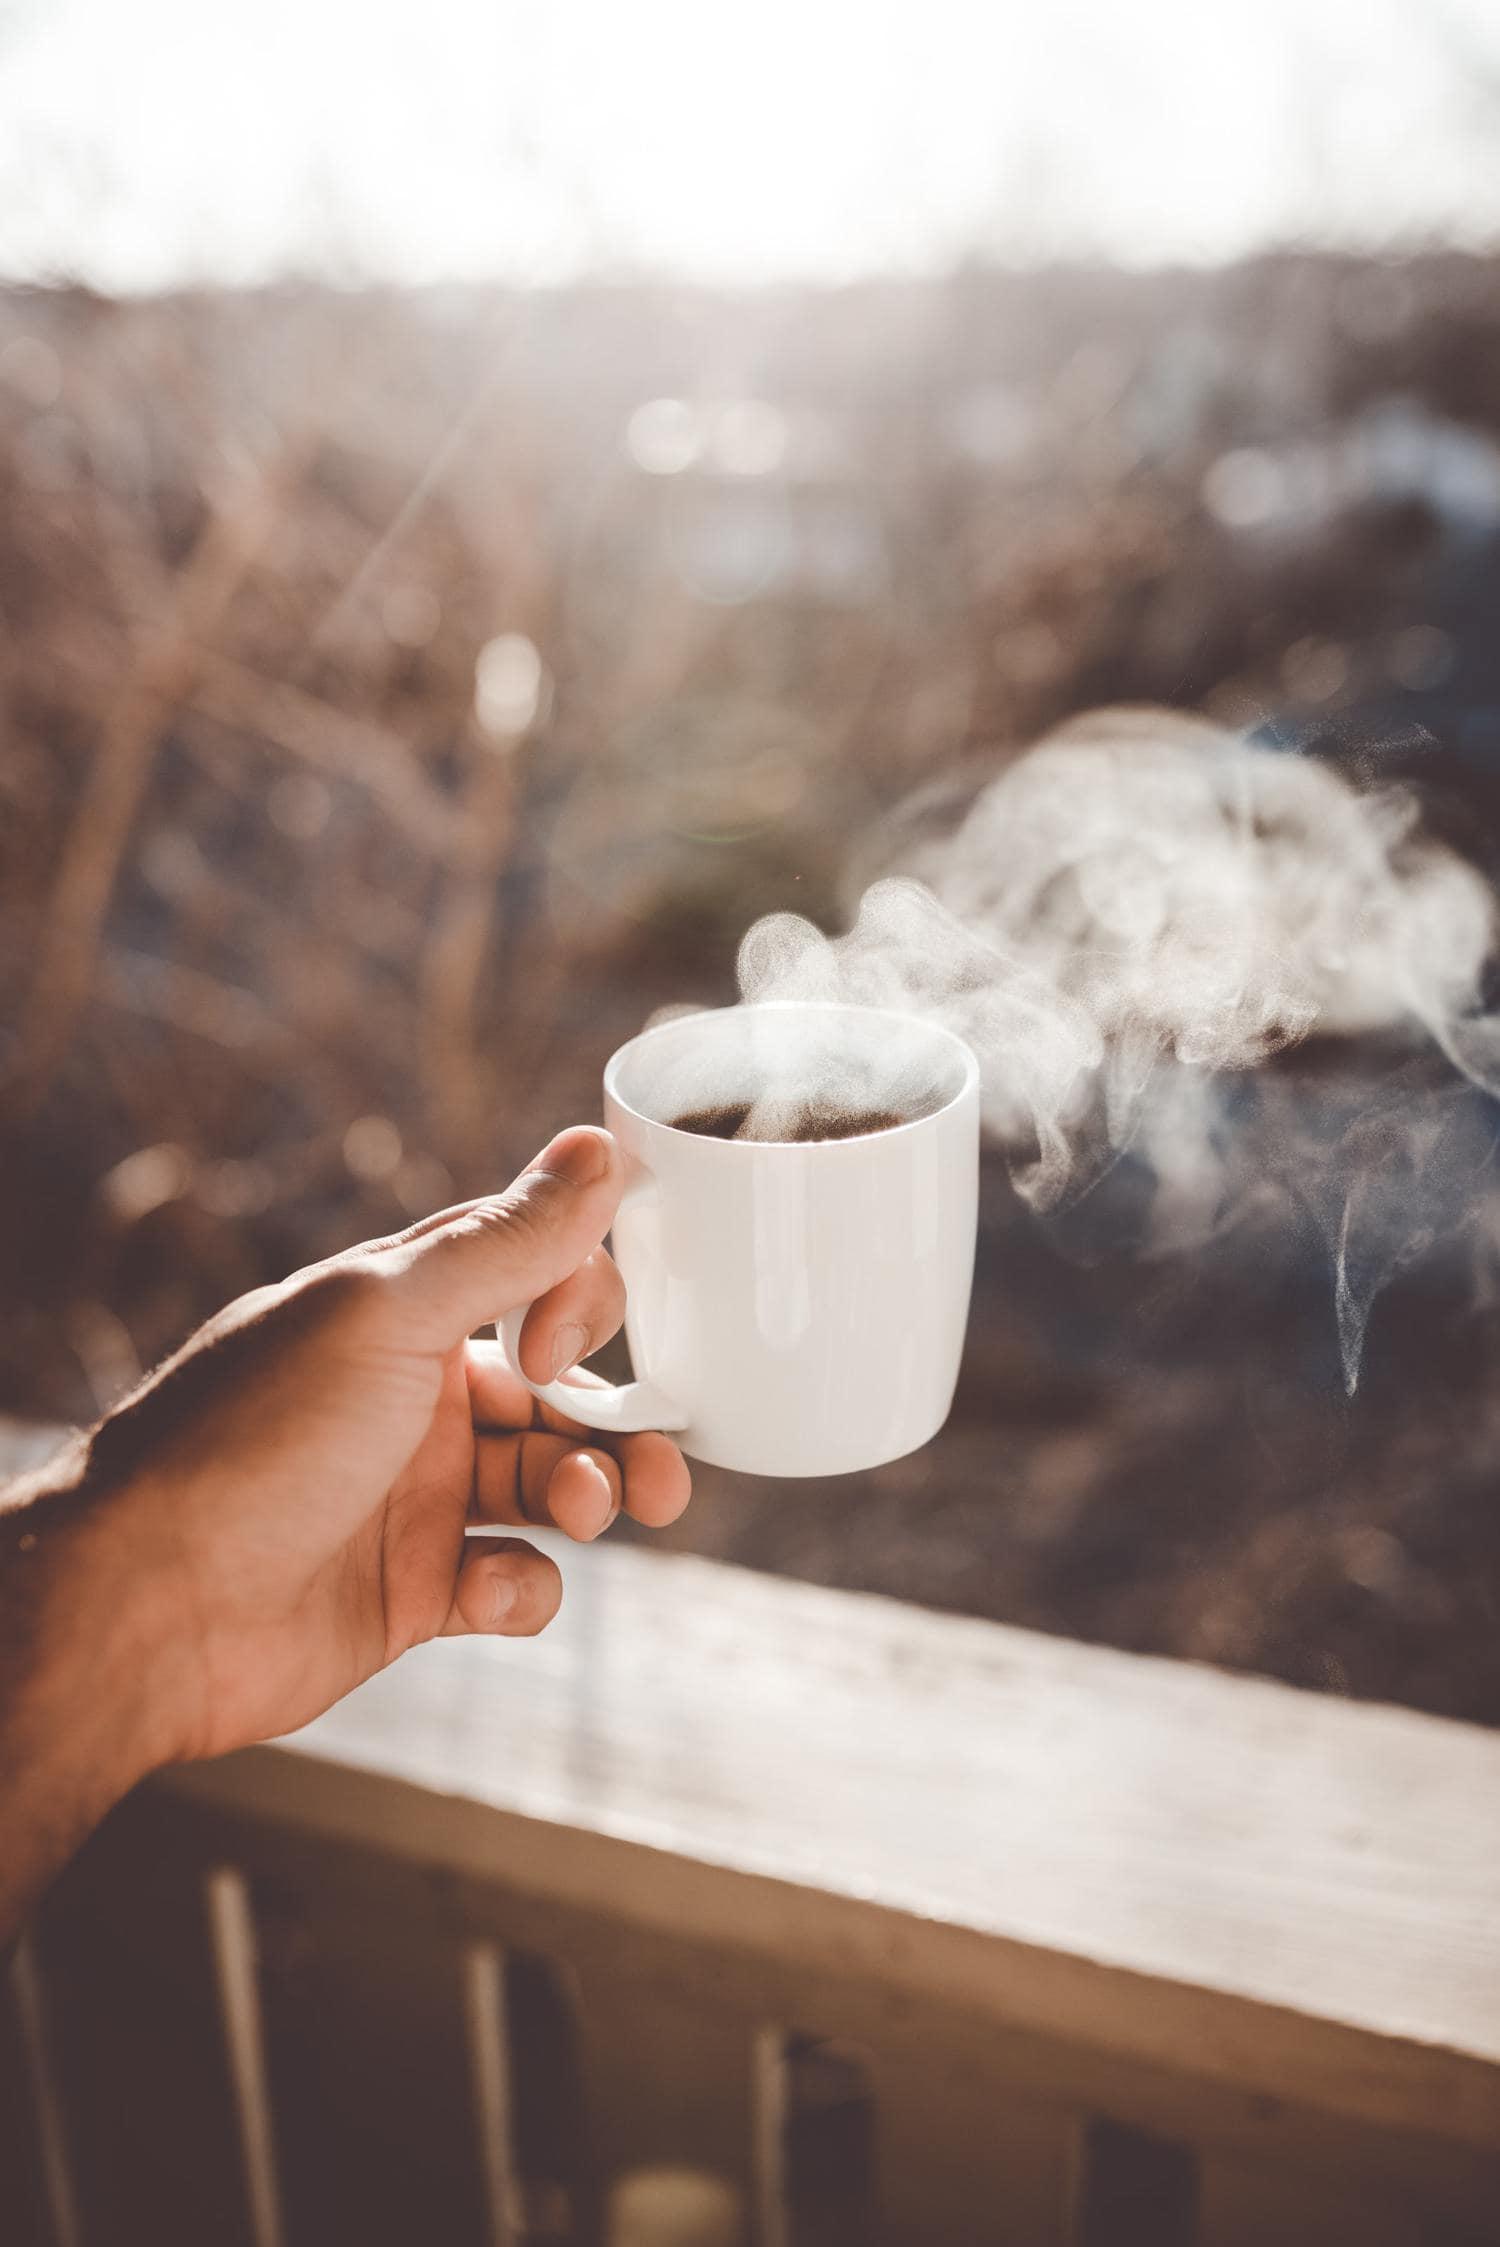 Café humeante en ventana